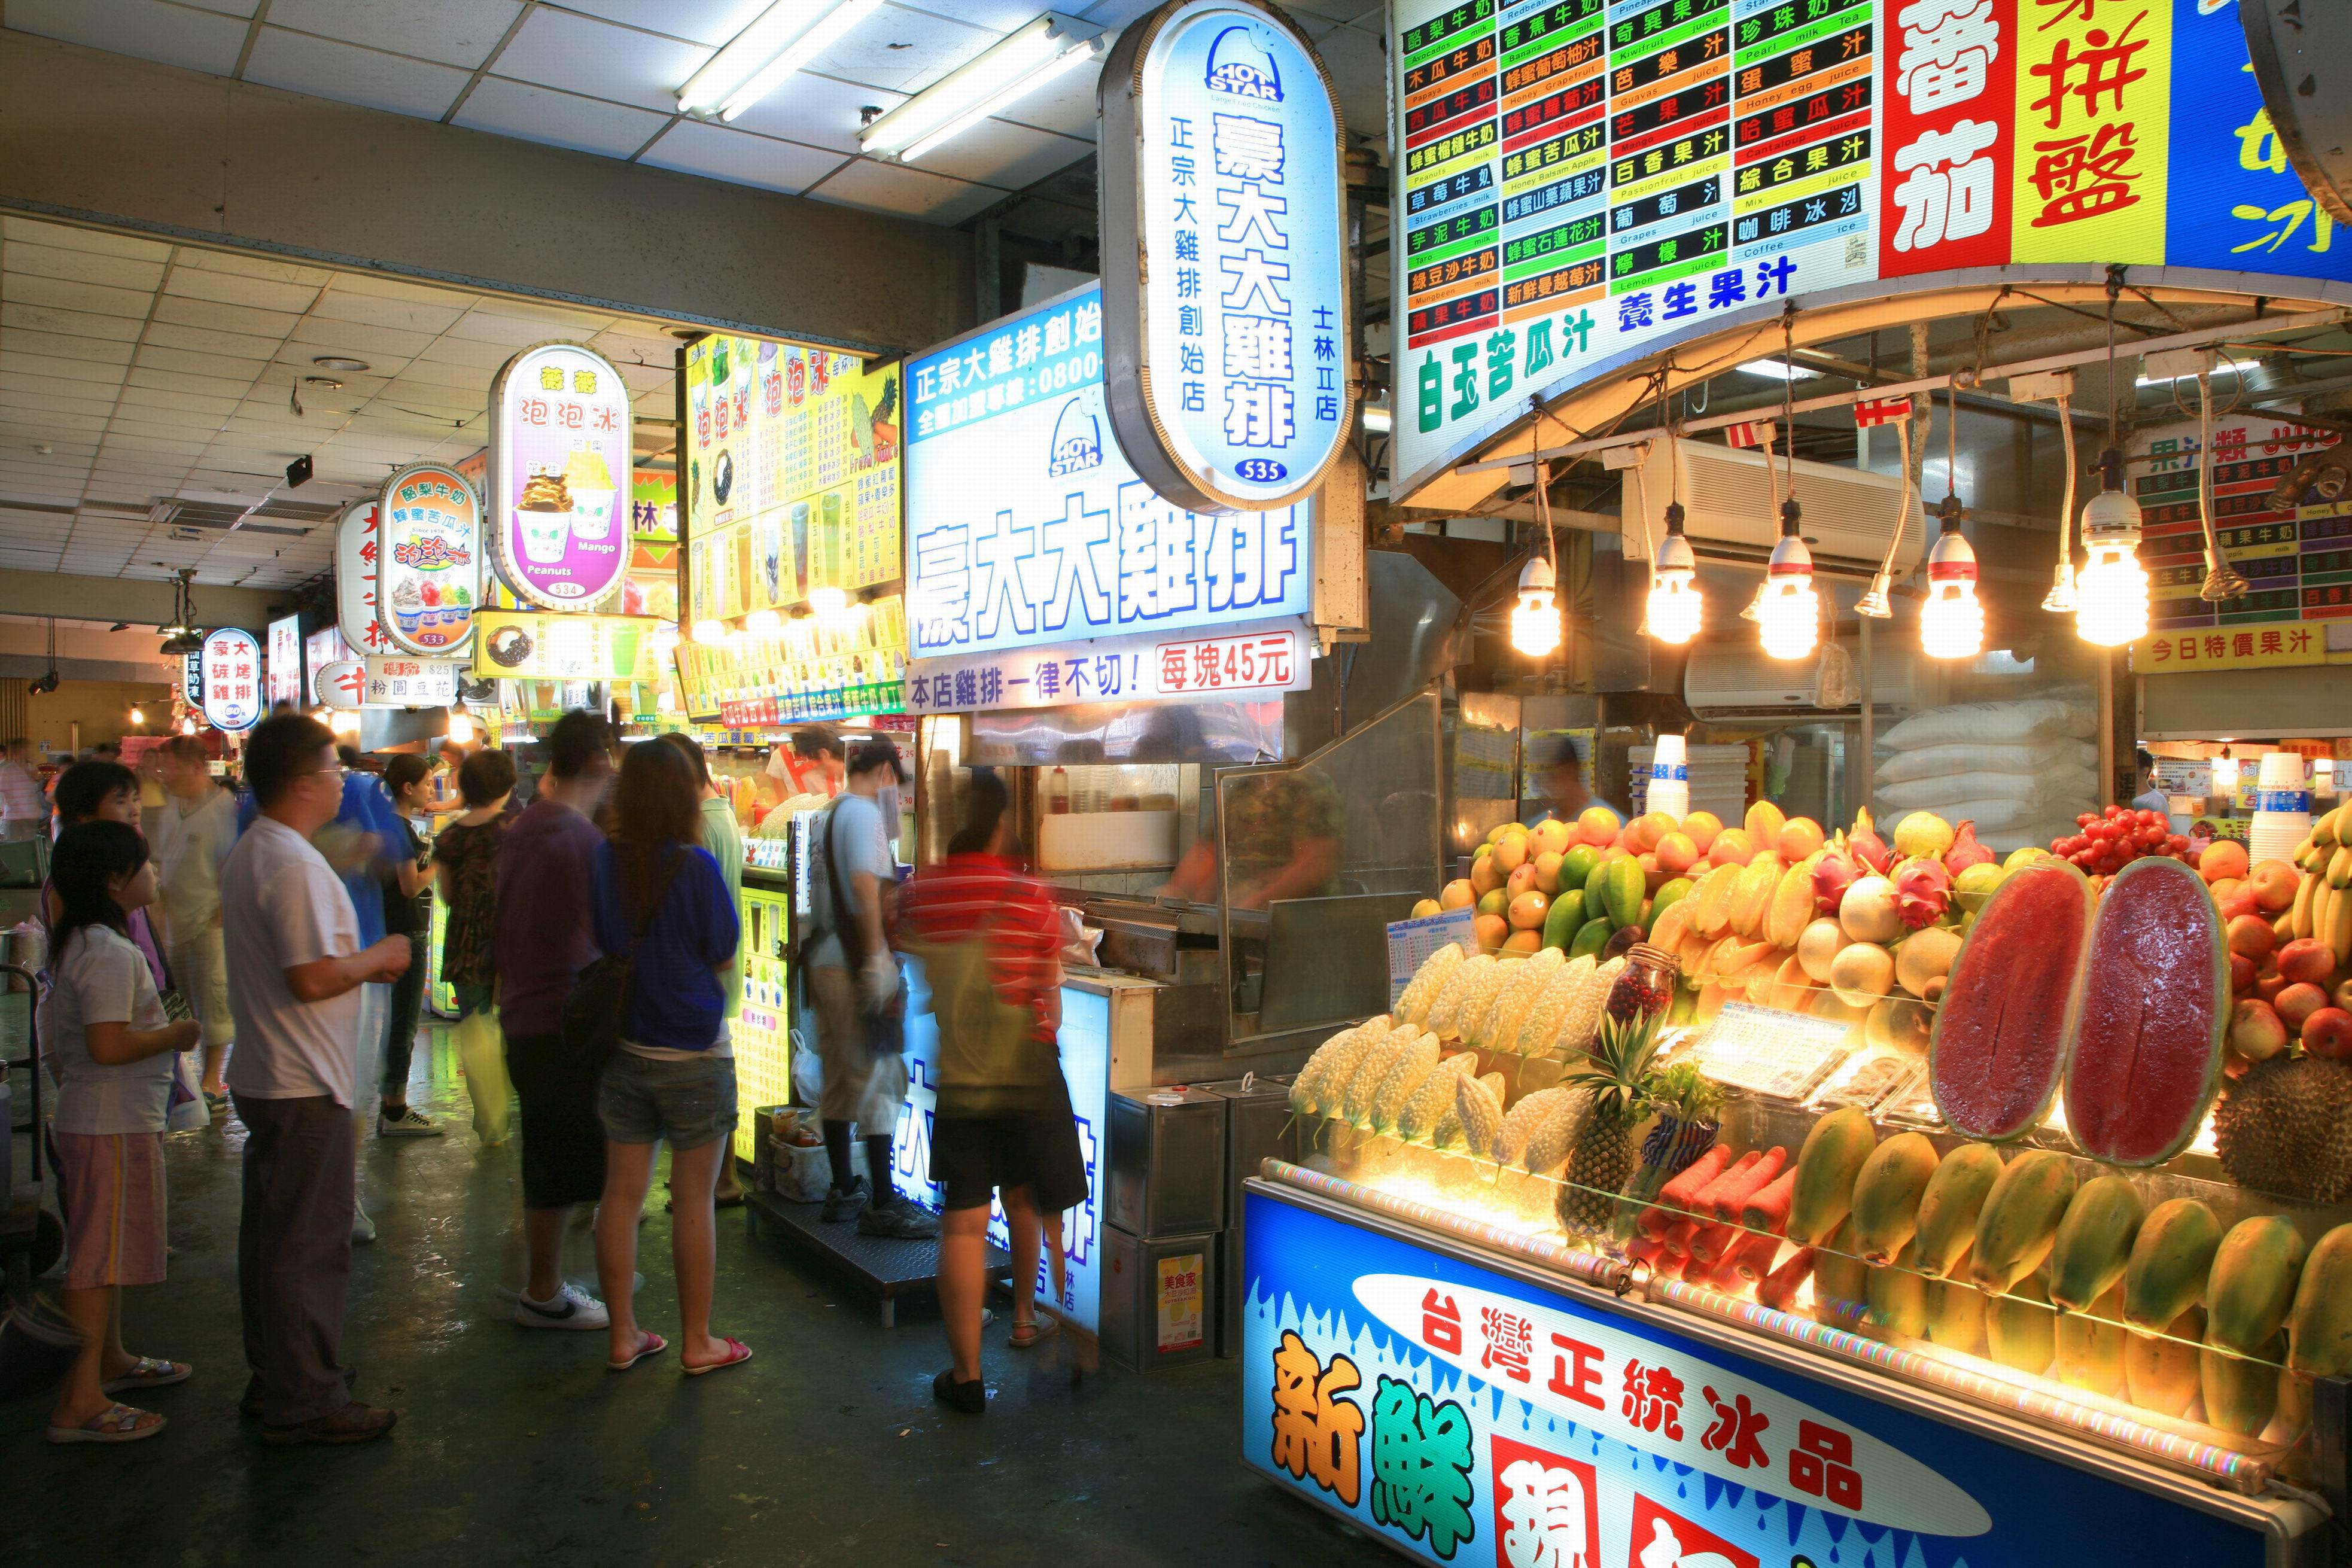 臺北美食3日遊